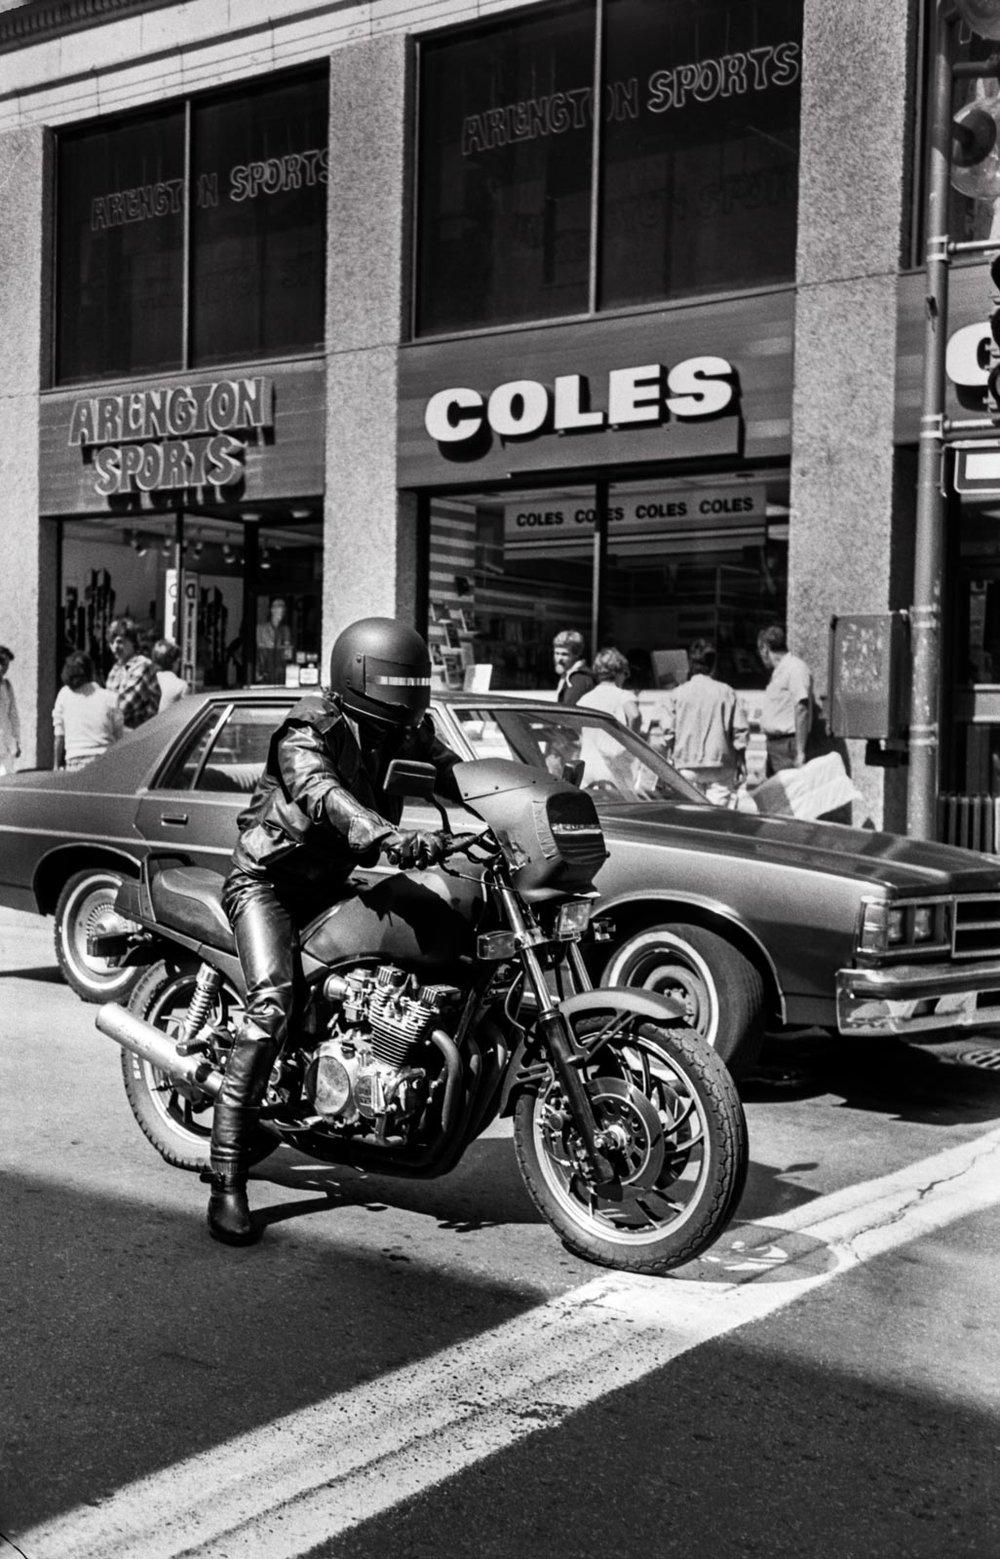 Le motard, Montréal, 1988